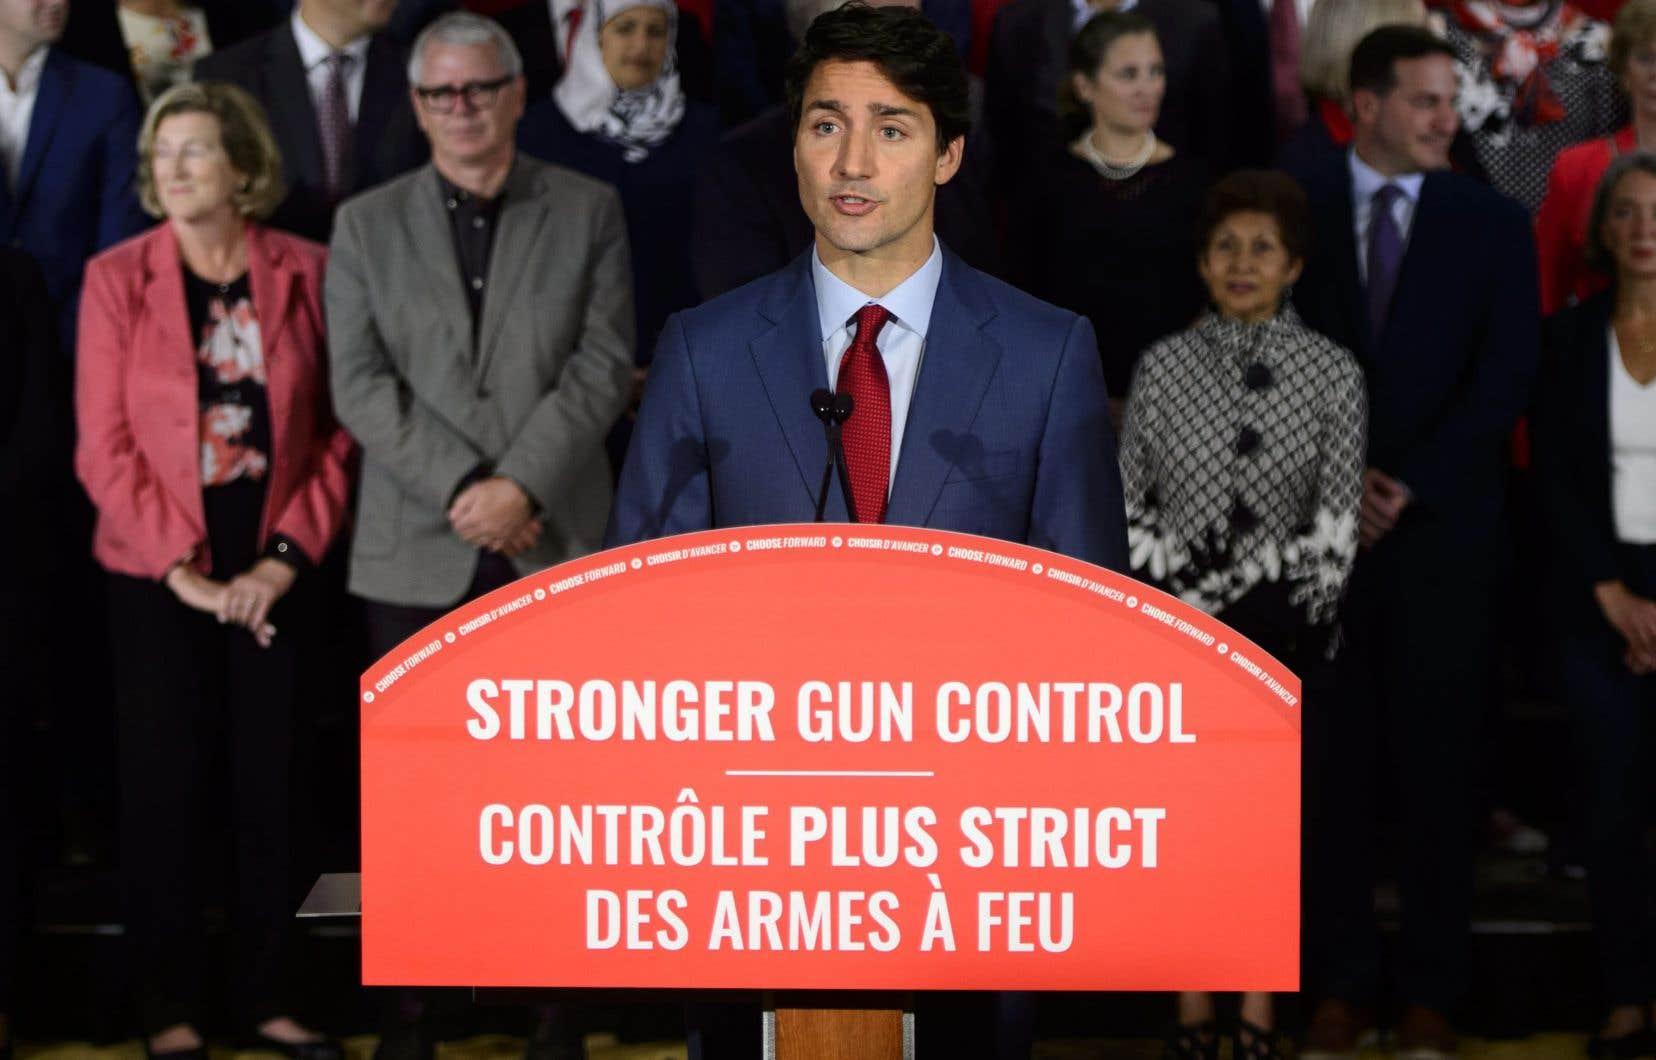 Les libéraux proposent de resserrer les règles d'entreposage des armes de poing, pour éviter qu'elles soient volées et revendues sur le marché illégal —comme celle utilisée dans la tuerie de Danforth l'été dernier.